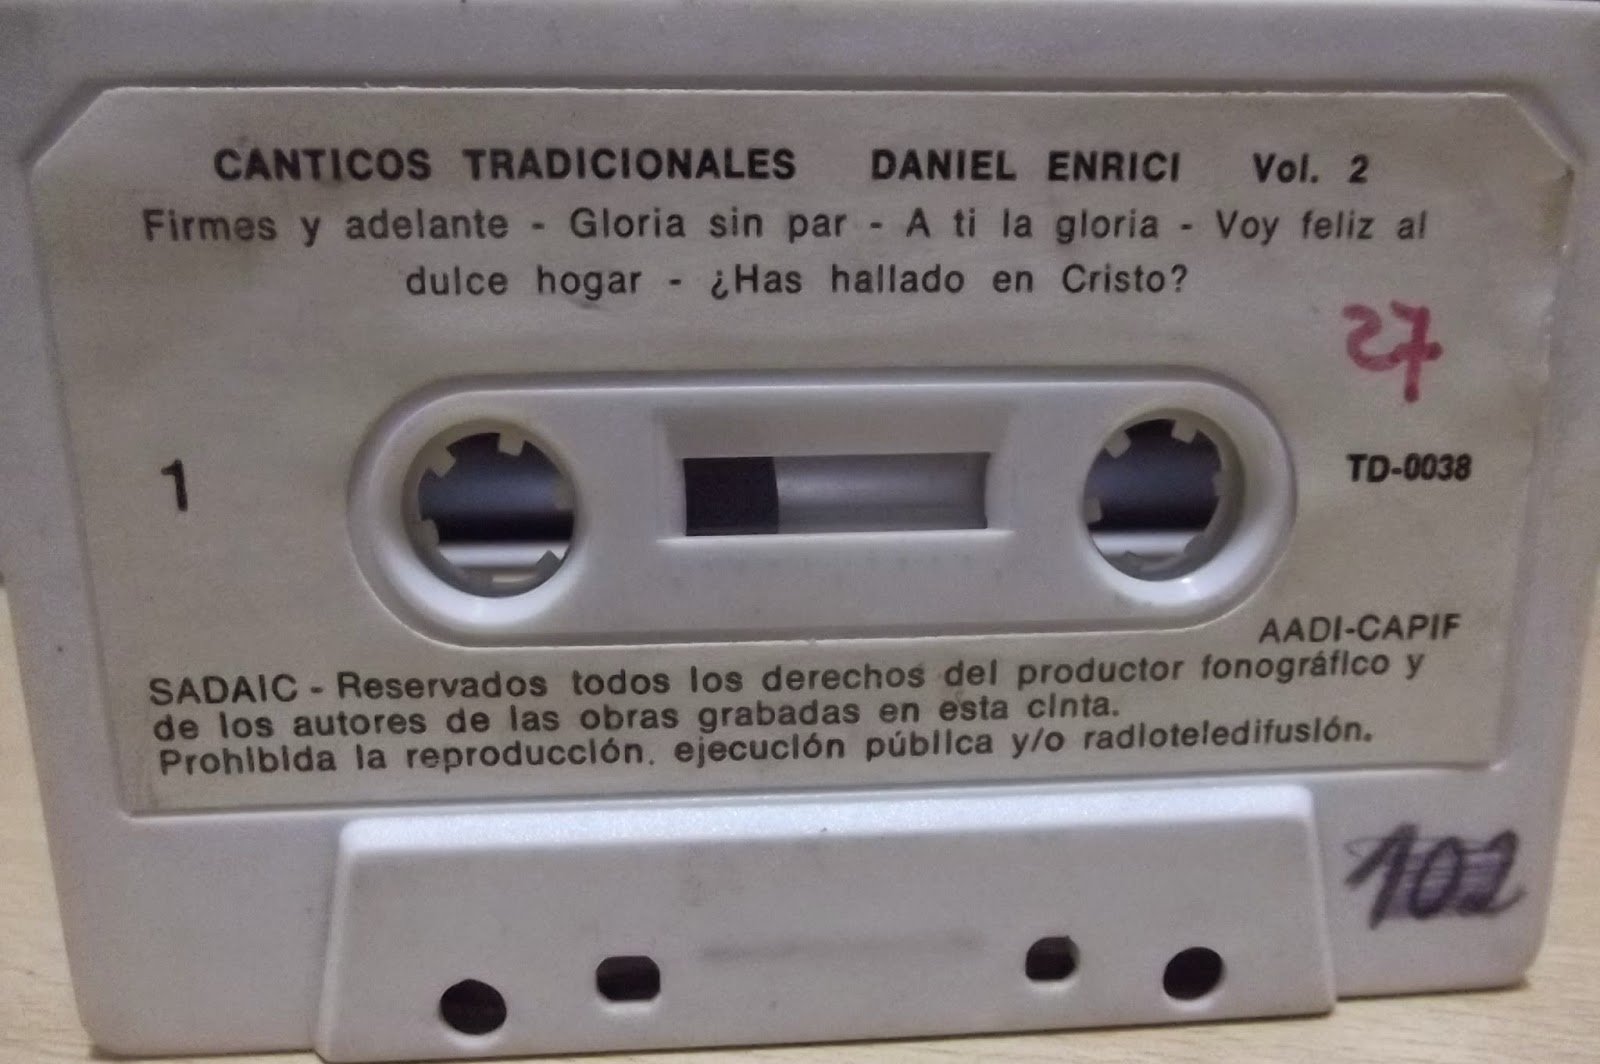 Daniel Enrici-Vol 2-Cánticos Tradicionales-